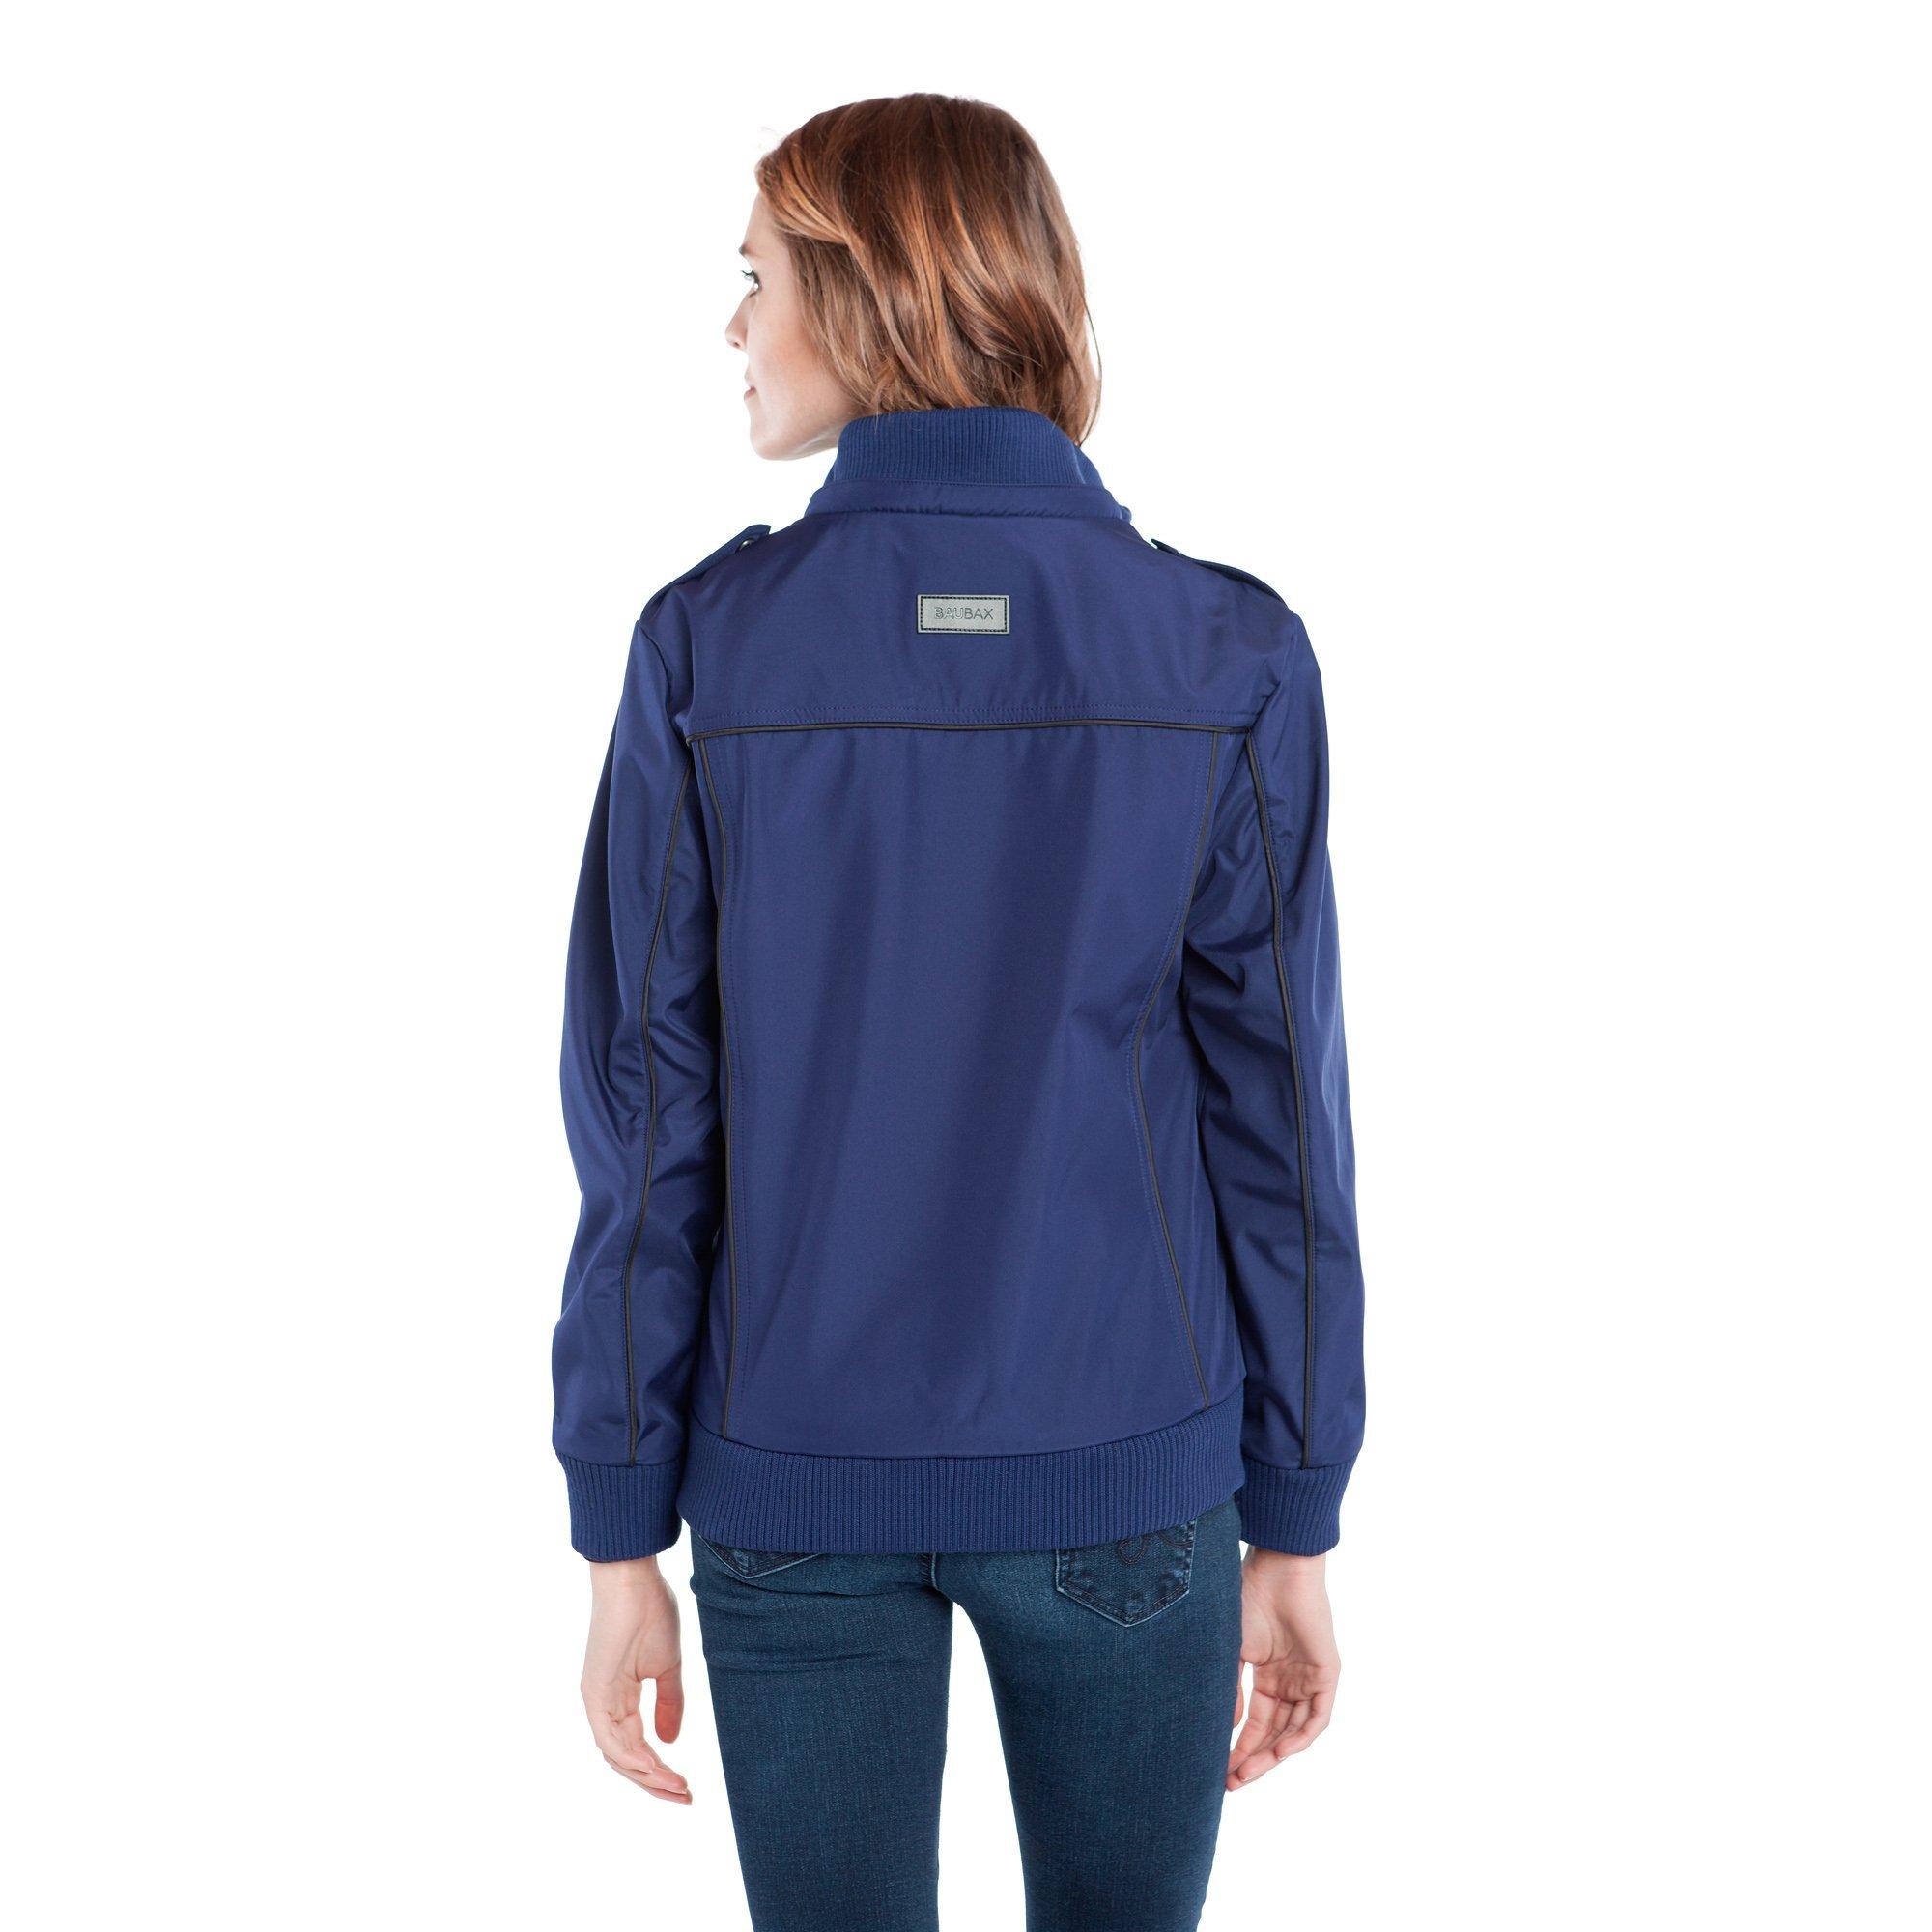 Baubax Travel Jacket - Bomber - Female - Blue - Large by Baubax (Image #3)